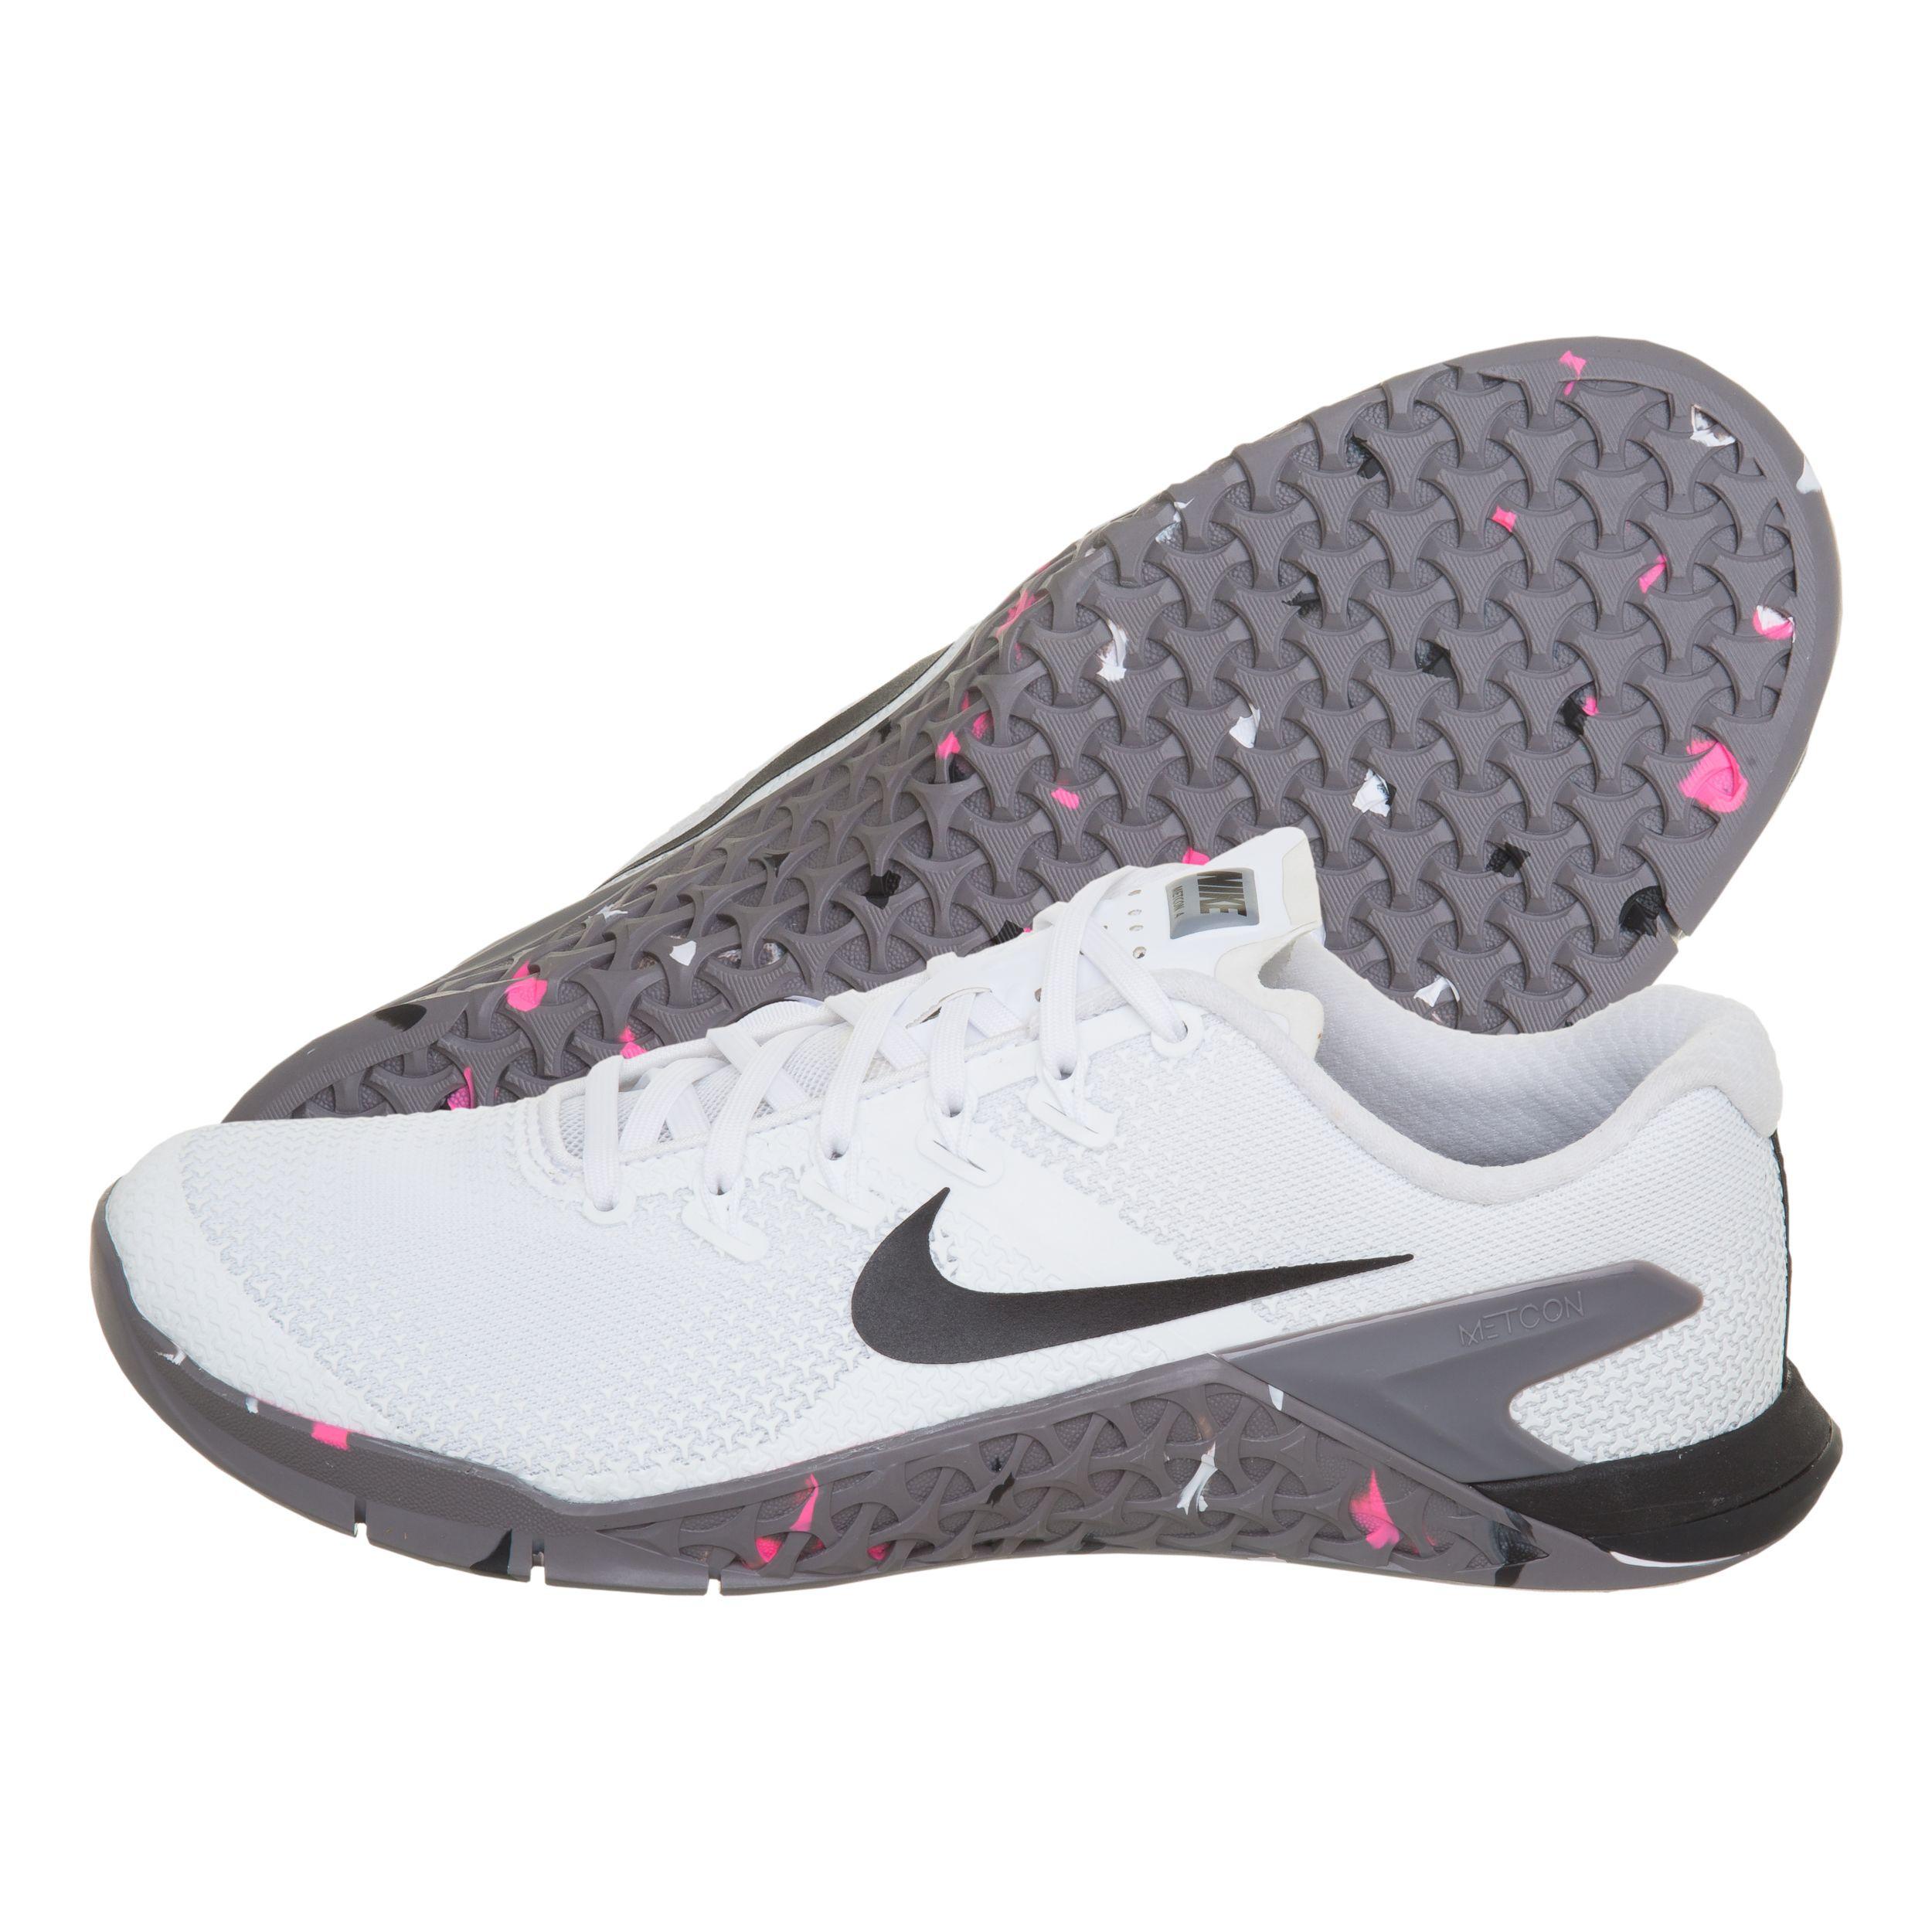 Nike Metcon 4 Zapatilla De Entrenamiento Mujeres Blanco